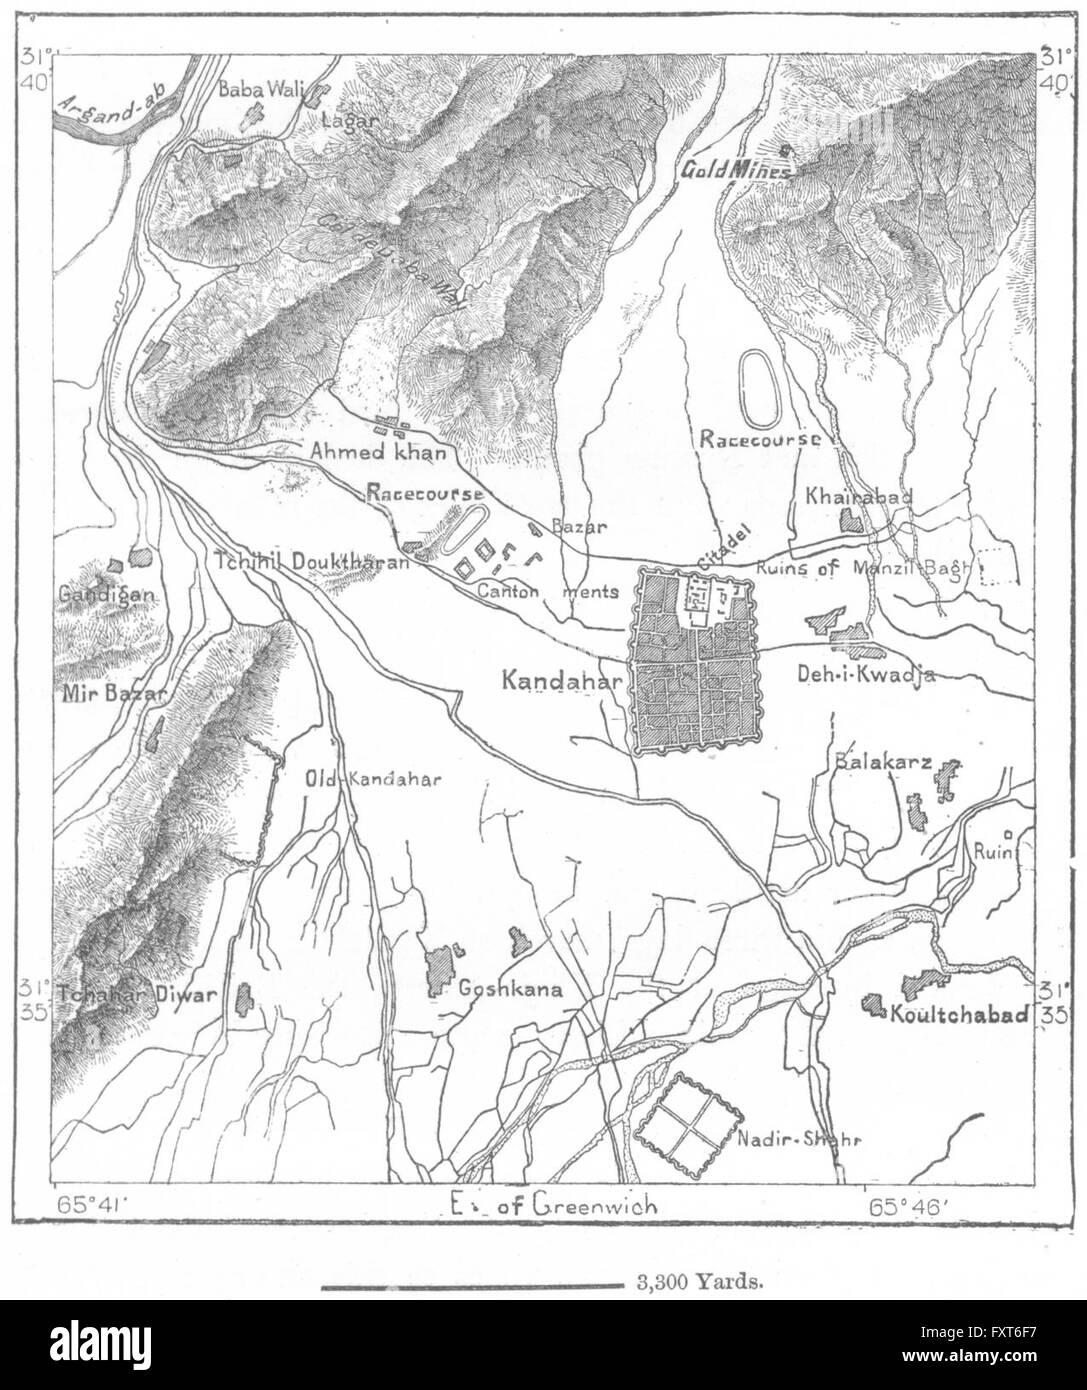 Kandahar Map Stock Photos Kandahar Map Stock Images Alamy